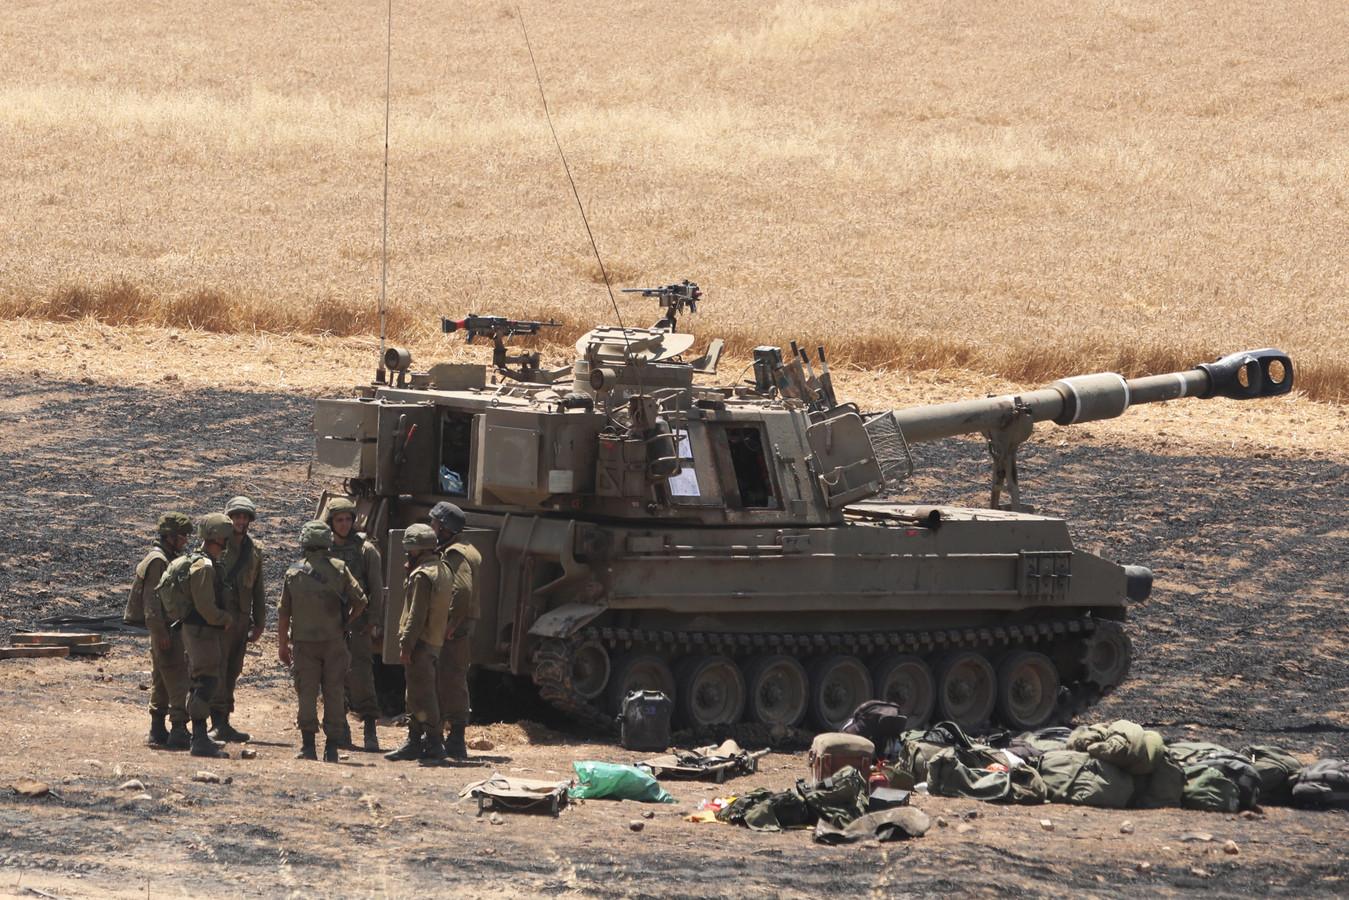 """L'armée israélienne a multiplié les bombardements """"pour infliger des dommages sévères aux tunnels"""" qui permettent aux combattants et dirigeants du Hamas, qui a tiré des centaines de roquettes vers Israël, de circuler à travers la bande de Gaza."""